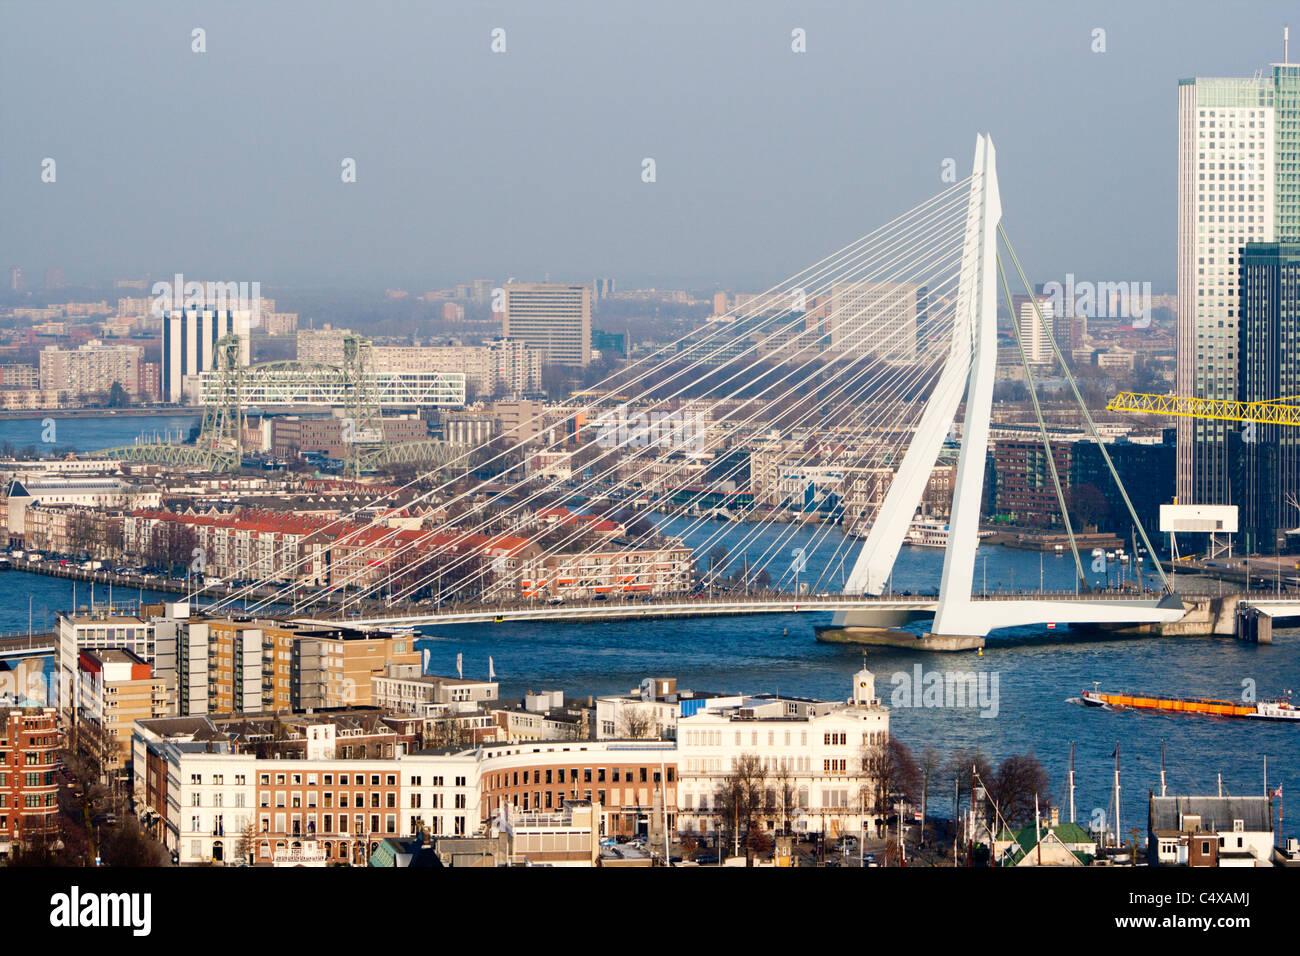 Ver el Euromast en la ciudad de Rótterdam y el puente Erasmus en un claro día de invierno. Imagen De Stock